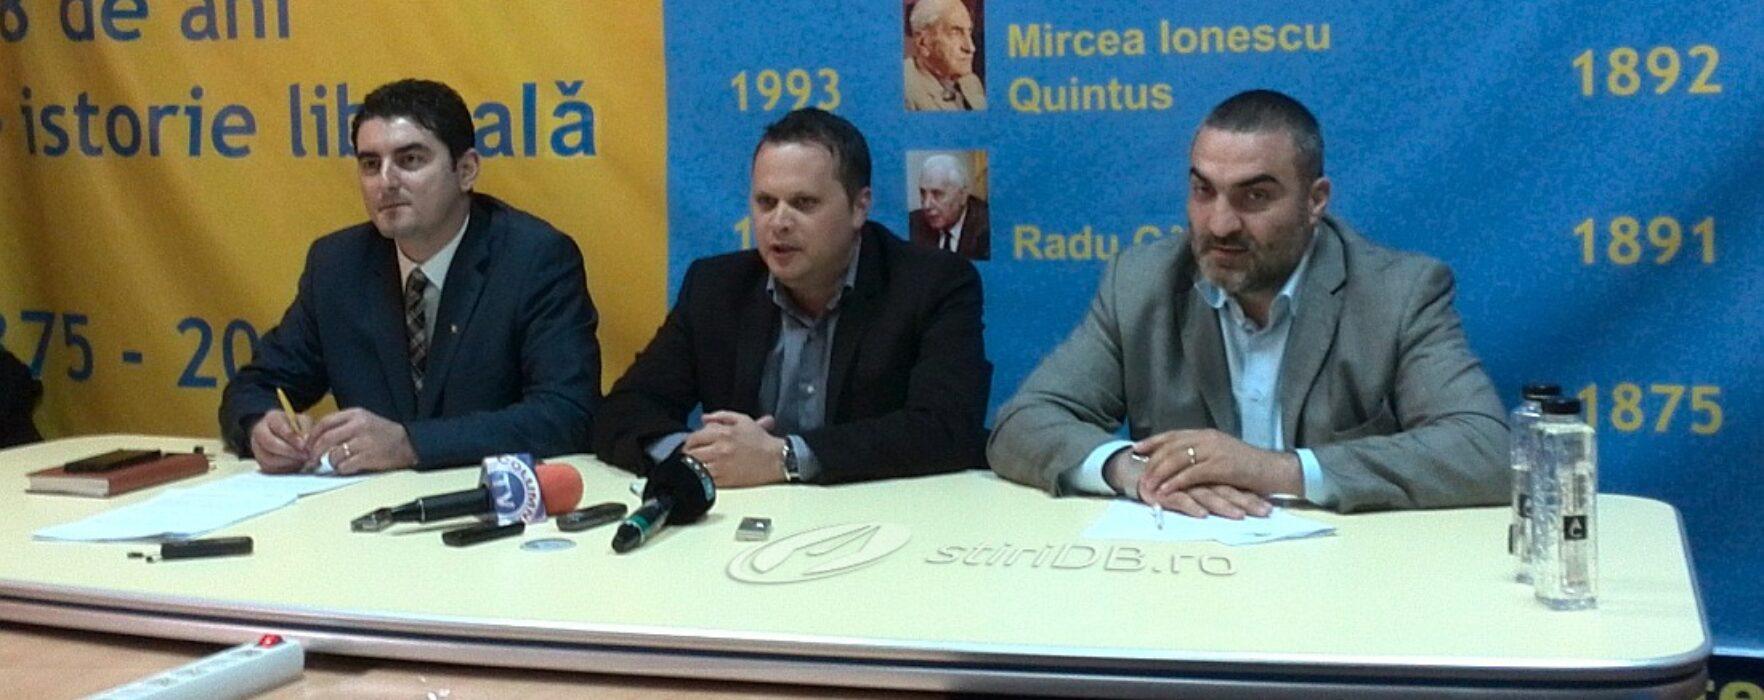 PNL Dâmboviţa: Vom depune plângere penală primarilor care nu se supun deciziei BEC de a înlătura afişele USL